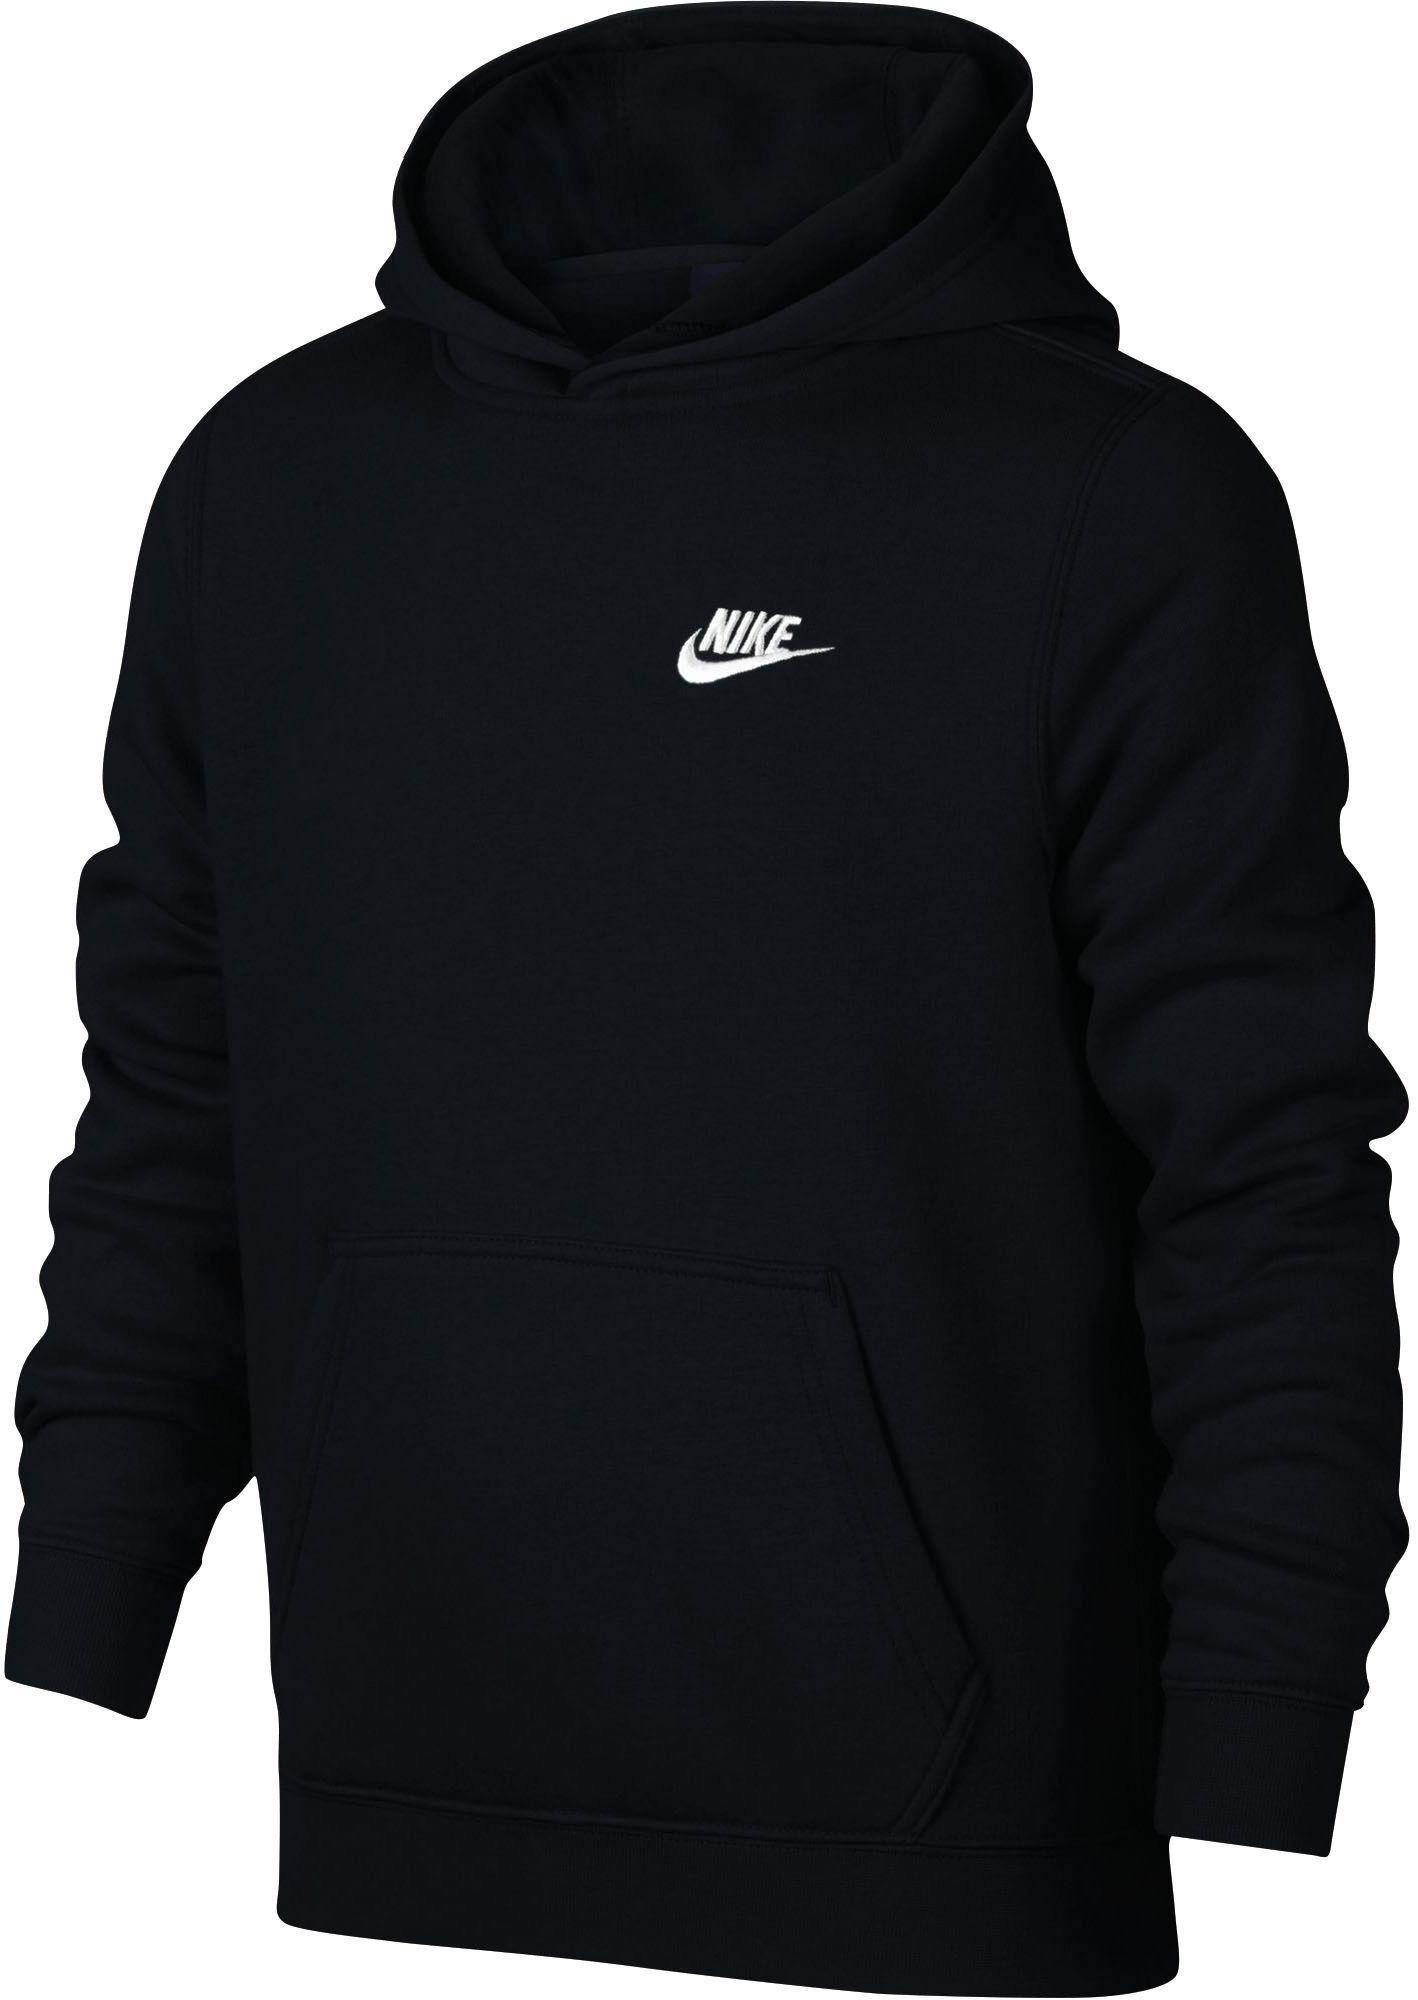 Nike Boys Sportswear Club Cotton Fleece Hoodie Size Medium Black In 2020 Hoodies Nike Pullover Hoodie Fleece Hoodie [ 2000 x 1418 Pixel ]